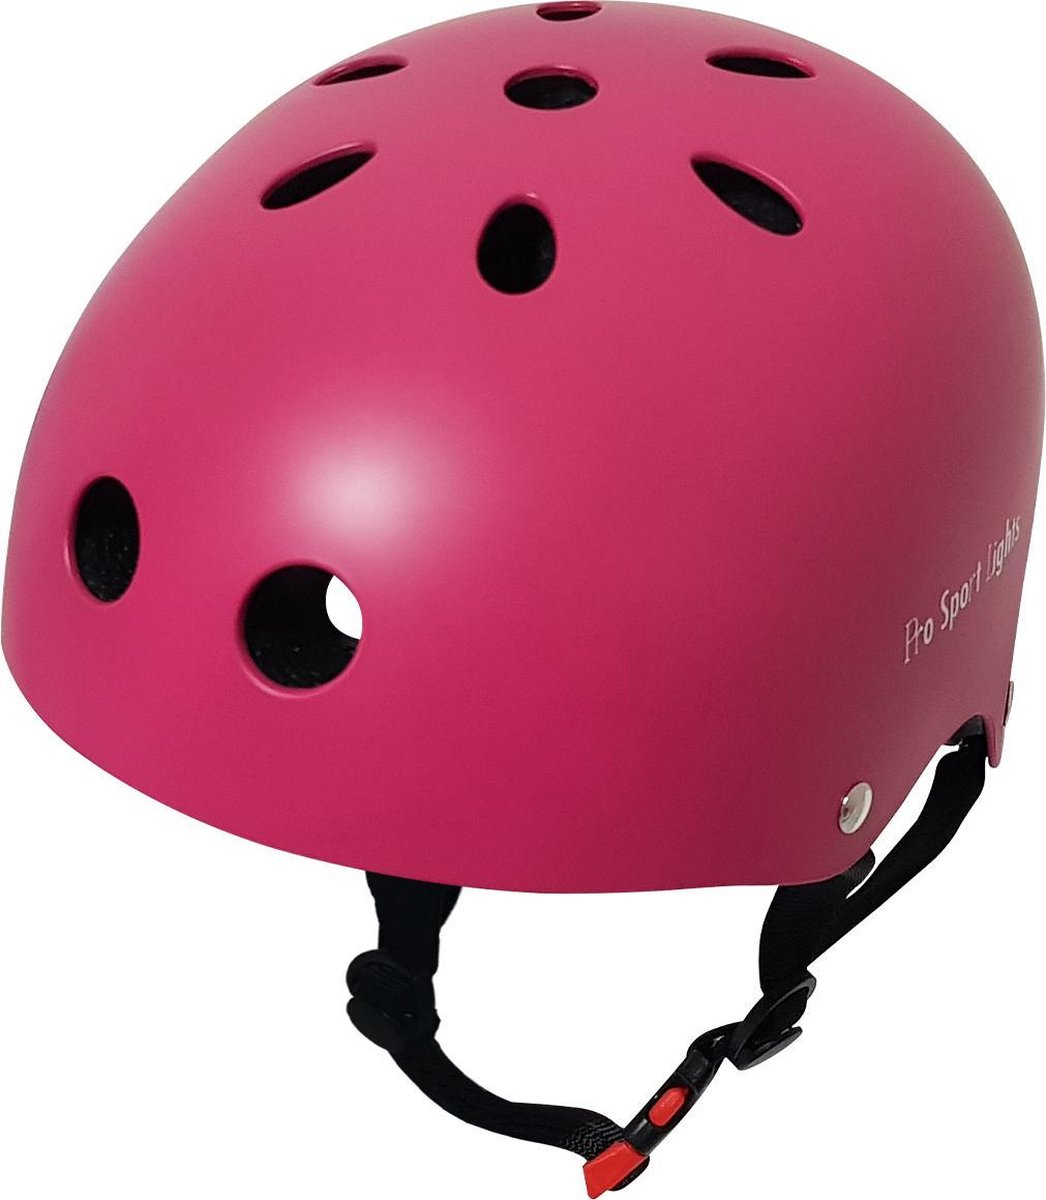 Kinderfietshelm Pro Sport Lights - skate Fietshelm voor kinderen - Pink - kinderhelm 53 - 60 cm